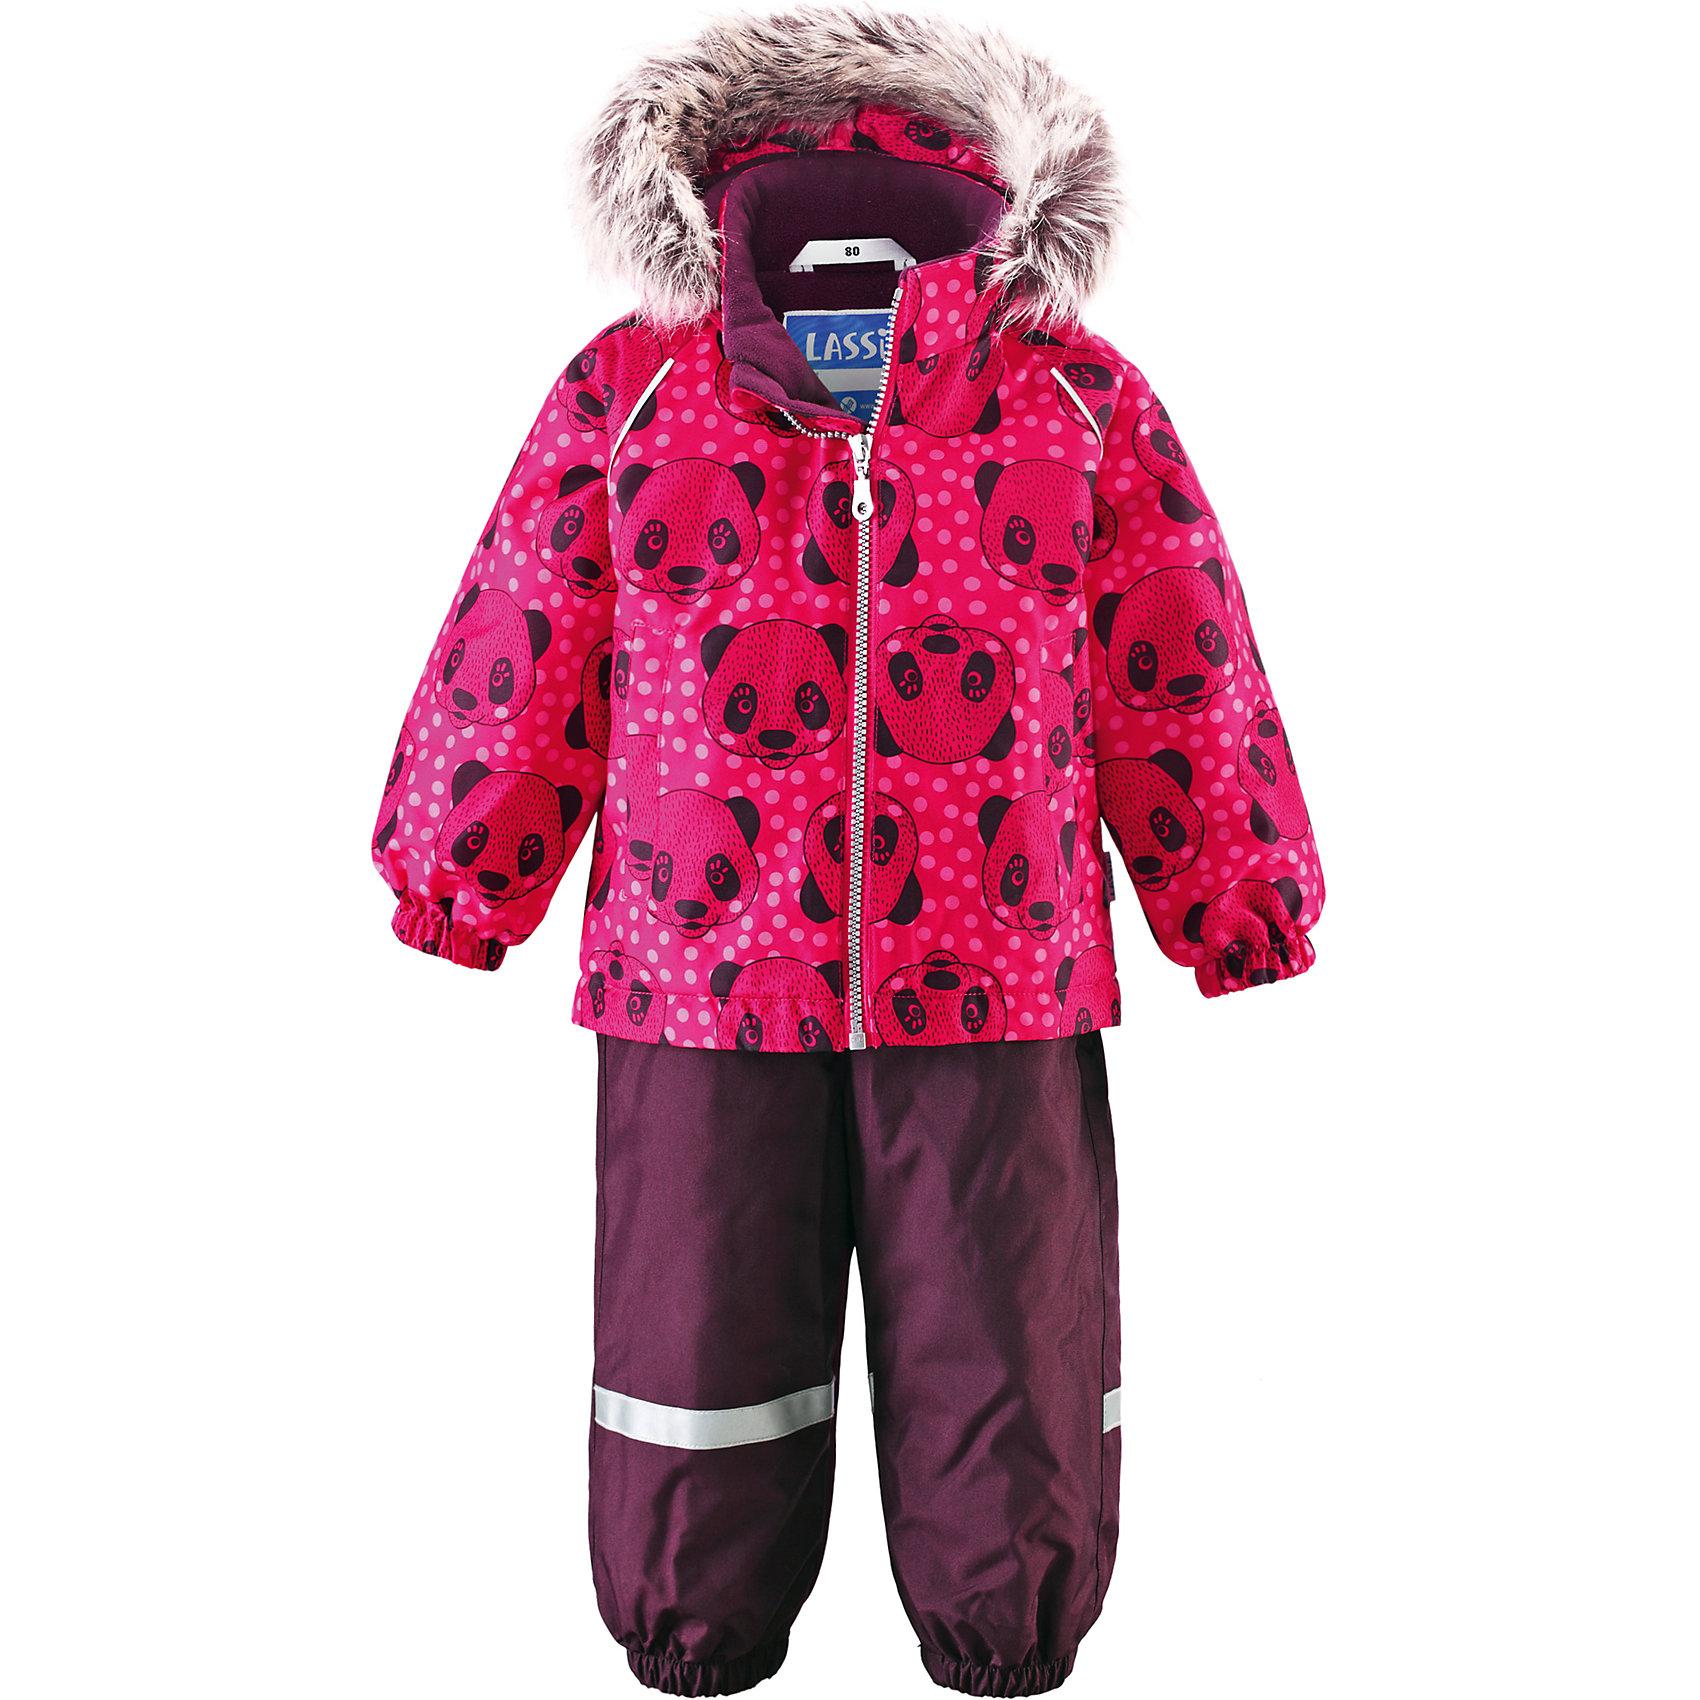 Комплект для девочки LASSIEОдежда<br>Зимний комбинезон для малышей известной финской марки.<br><br>- Прочный материал. Водоотталкивающий, ветронепроницаемый, «дышащий» и грязеотталкивающий материал.<br>- Задний серединный шов брюк проклеен. <br>- Мягкая теплая подкладка из флиса. <br>- Гладкая подкладка из полиэстра.<br>-  Безопасный съемный капюшон с отсоединяемой меховой каймой из искусственного меха. <br>- Эластичные манжеты. Эластичная талия.<br>-  Регулируемый подол. Эластичные штанины. <br>- Съемные эластичные штрипки. Два прорезных кармана. <br>- Регулируемые эластичные подтяжки.<br>-  Принт по всей поверхности. <br><br>Рекомендации по уходу: Стирать по отдельности, вывернув наизнанку. Перед стиркой отстегните искусственный мех. Застегнуть молнии и липучки. Соблюдать температуру в соответствии с руководством по уходу. Стирать моющим средством, не содержащим отбеливающие вещества. Полоскать без специального средства. Сушение в сушильном шкафу разрешено при  низкой температуре.<br><br>Состав: 100% Полиамид, полиуретановое покрытие.  Утеплитель «Lassie wadding» 140гр.(брюки); 180гр.(куртка).<br><br>Ширина мм: 190<br>Глубина мм: 74<br>Высота мм: 229<br>Вес г: 236<br>Цвет: розовый<br>Возраст от месяцев: 12<br>Возраст до месяцев: 15<br>Пол: Женский<br>Возраст: Детский<br>Размер: 80,74,86,92,98<br>SKU: 4781582